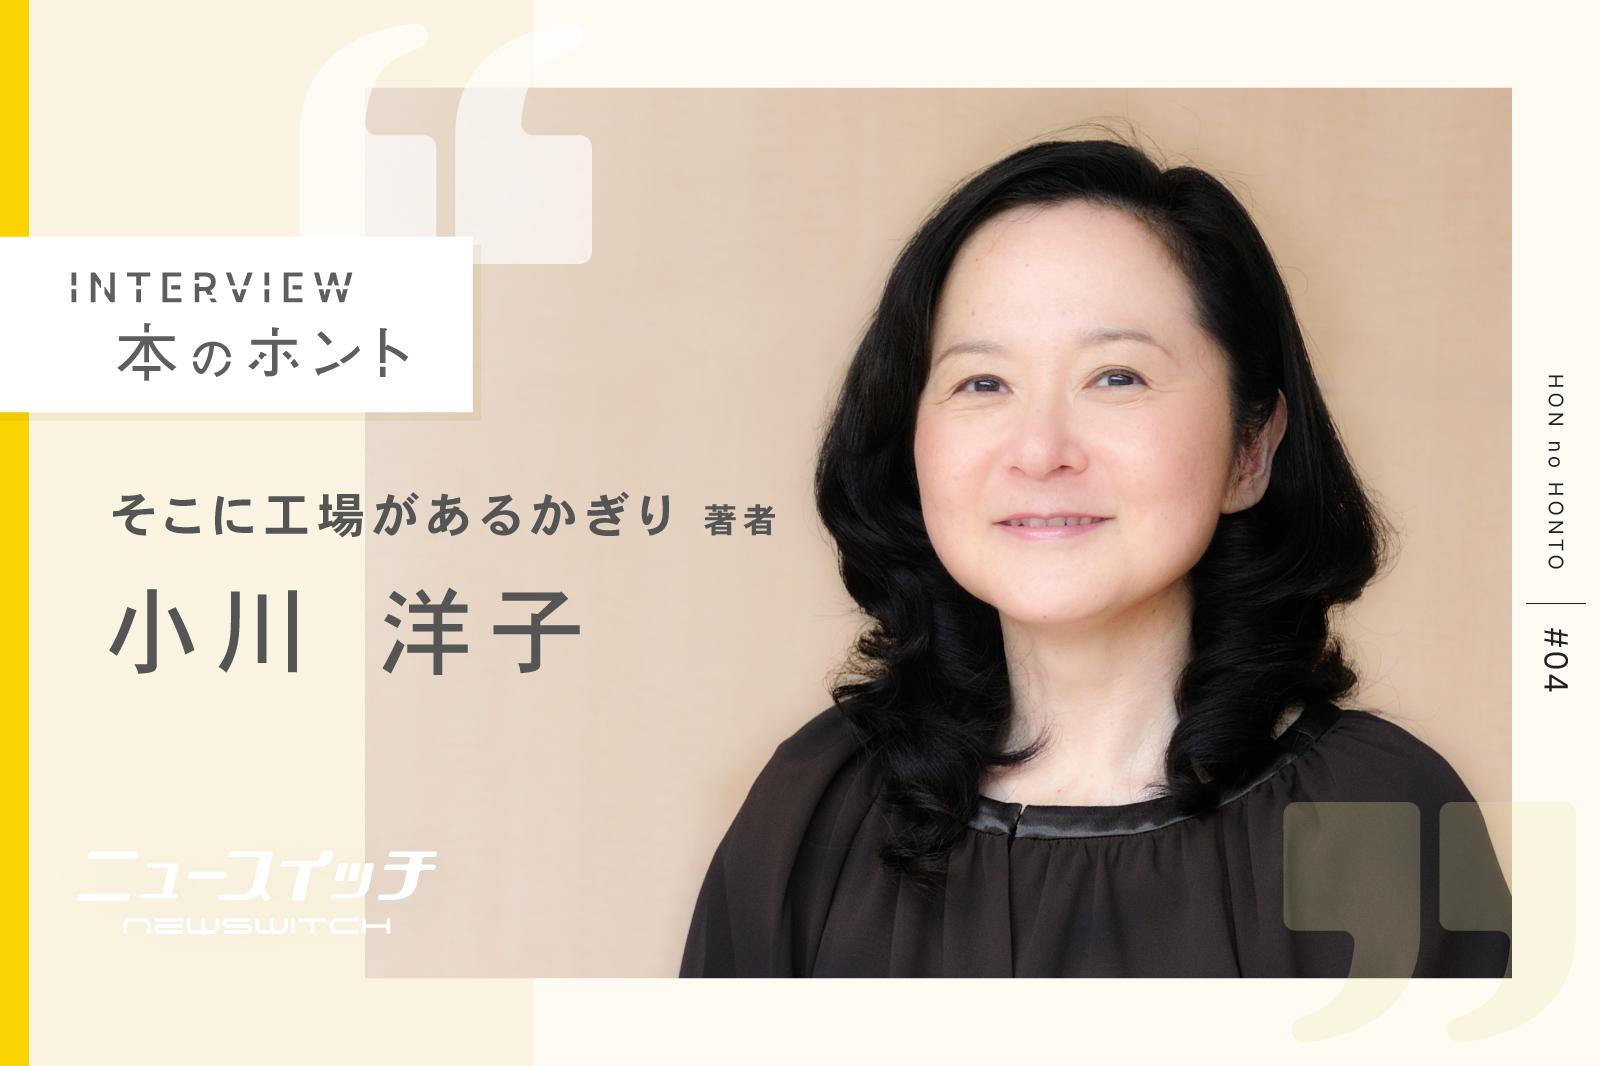 作家・小川洋子さんがものづくりの現場で覚えた感動と抱いた誇り